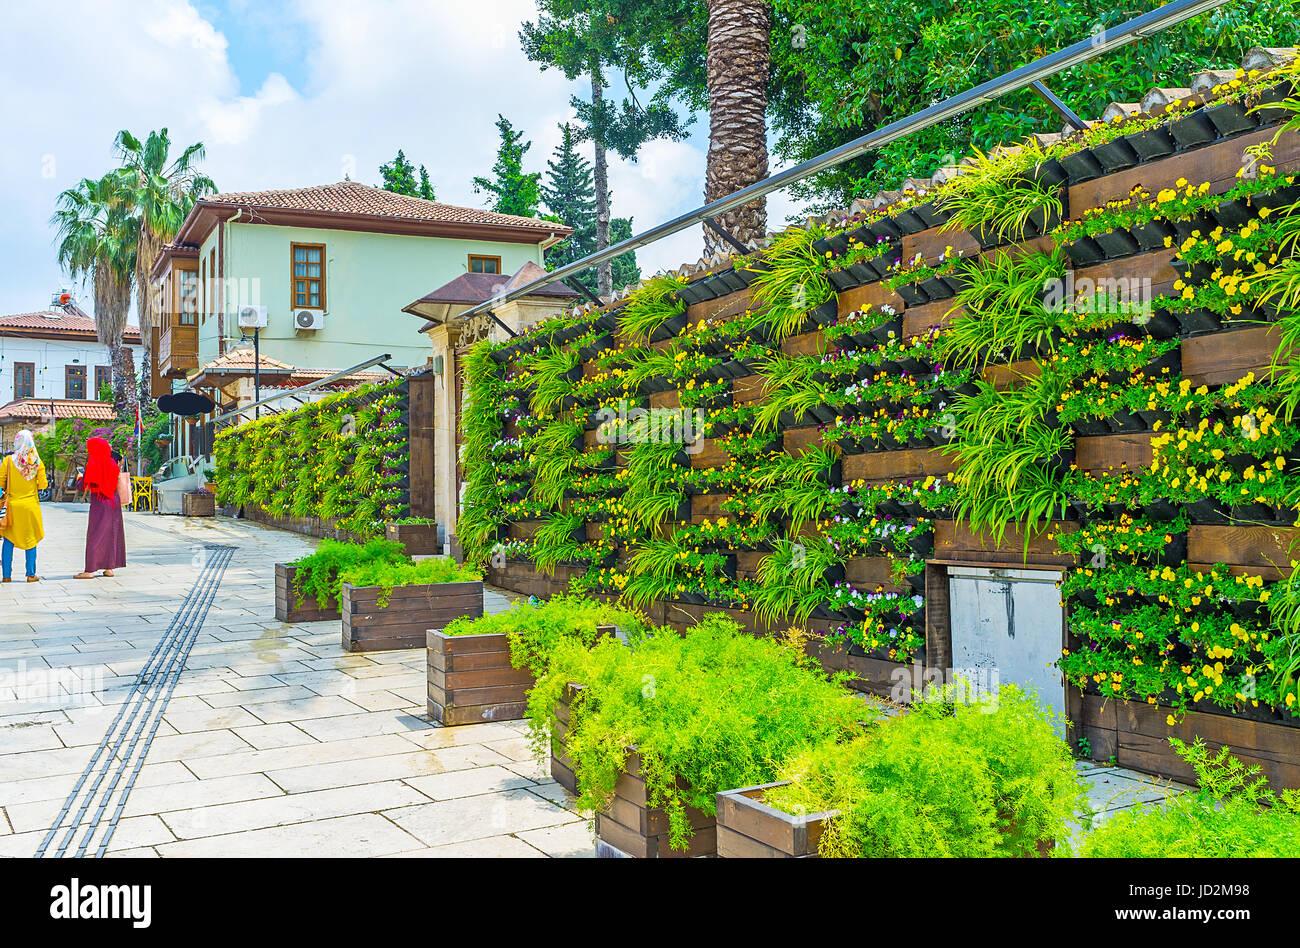 Le Mur Dans Le Jardin De Kaleici La Cloture En Bois Decore